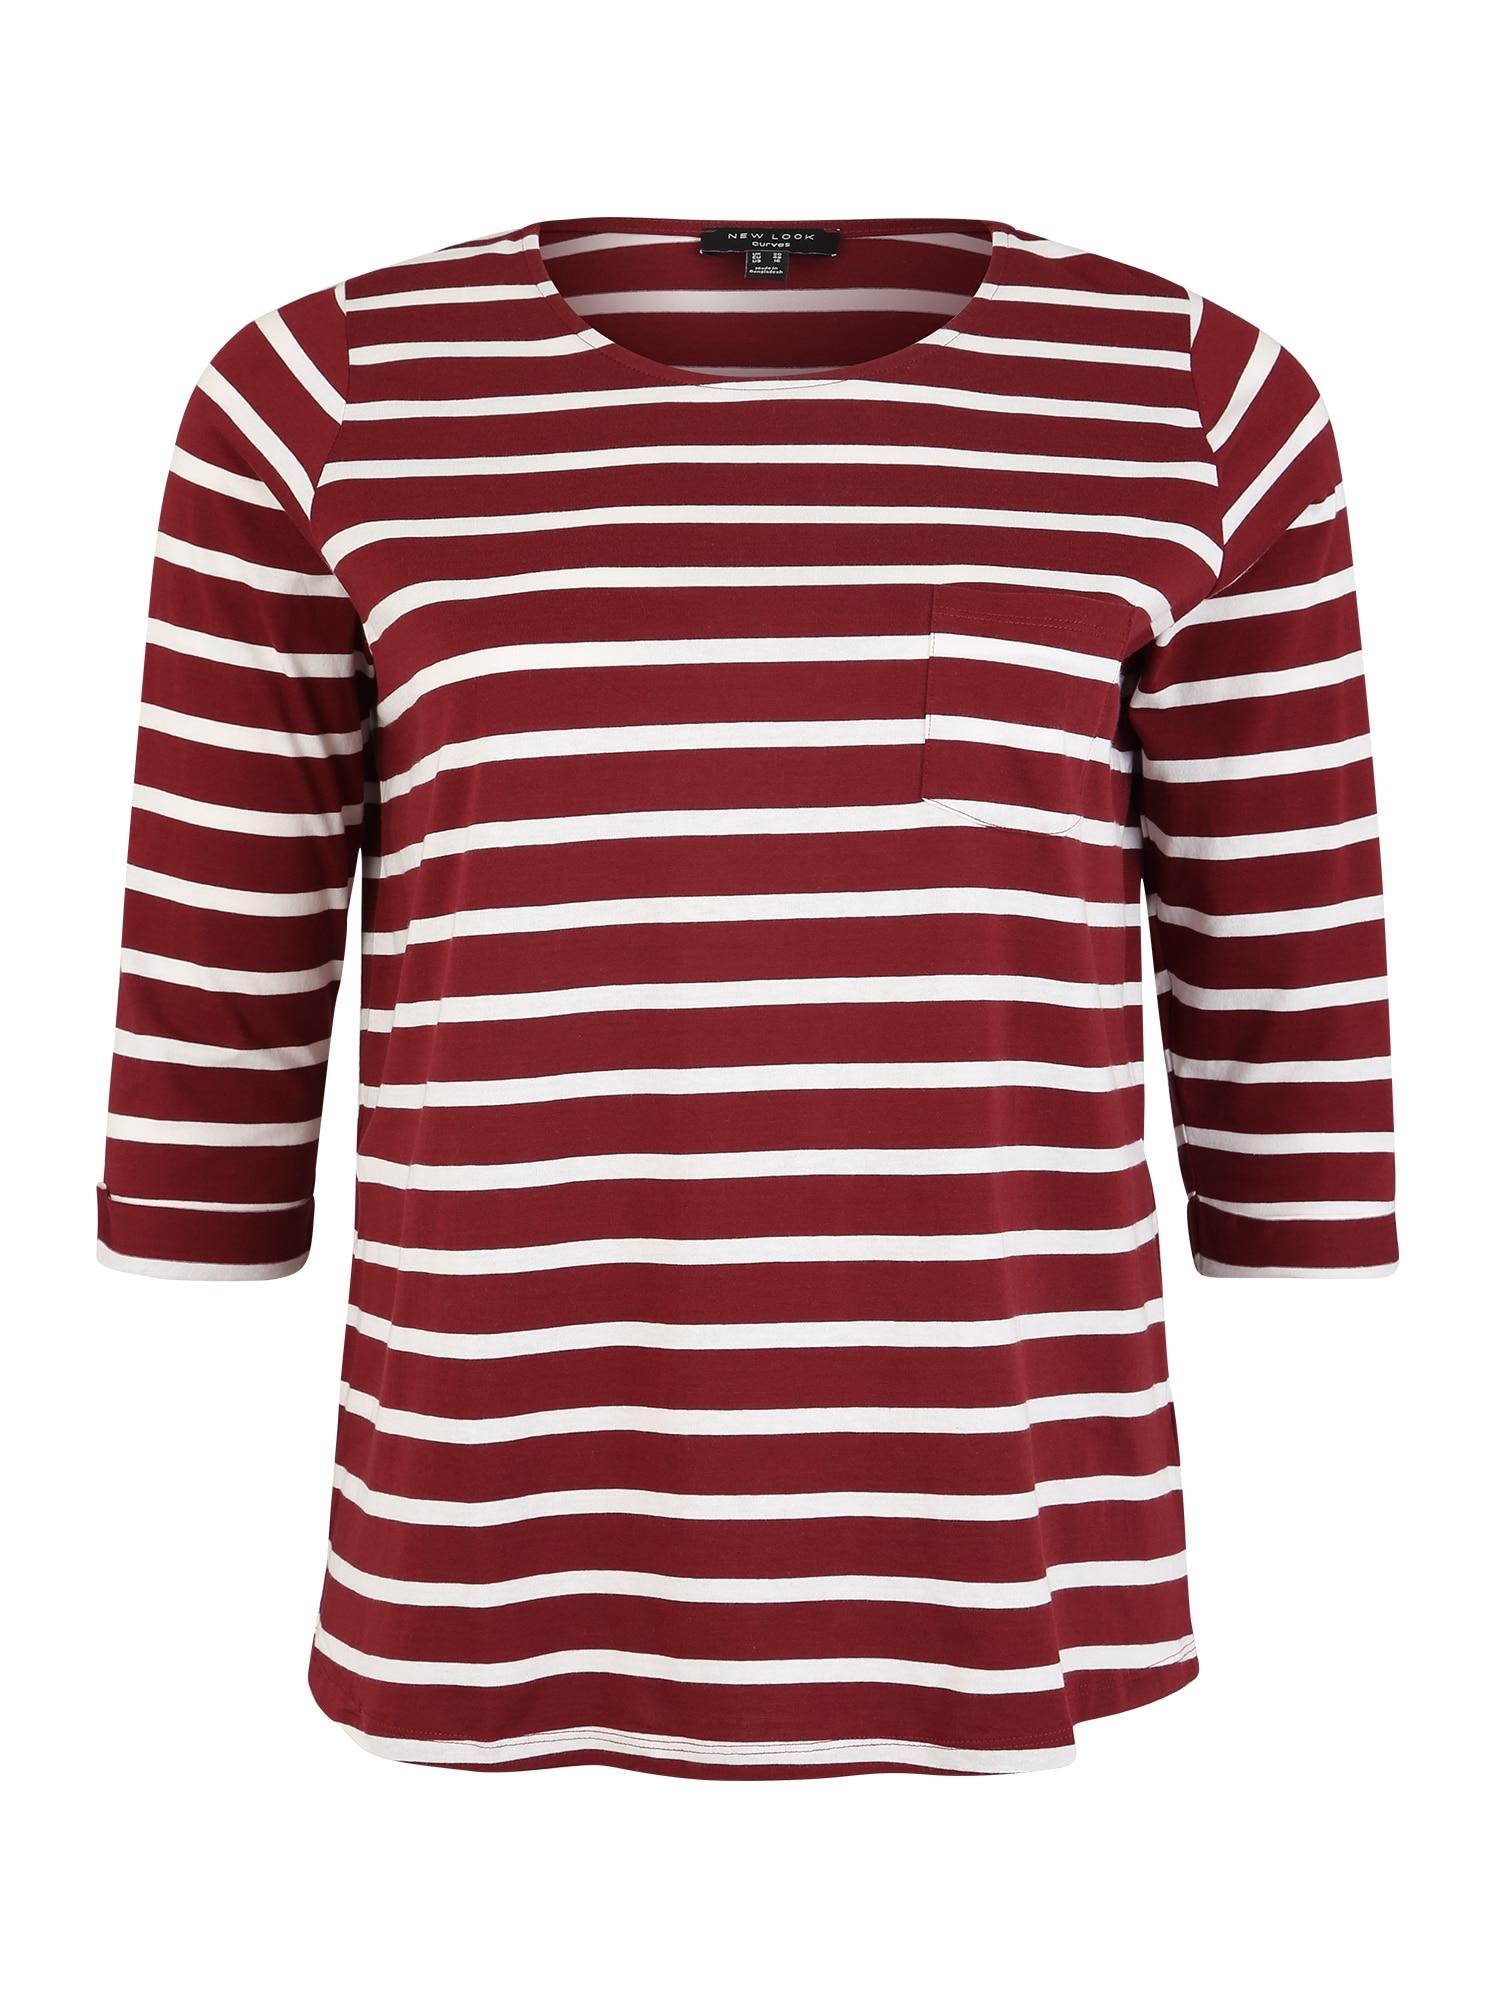 Tričko BRETON SLOUCHY tmavě červená bílá New Look Curves